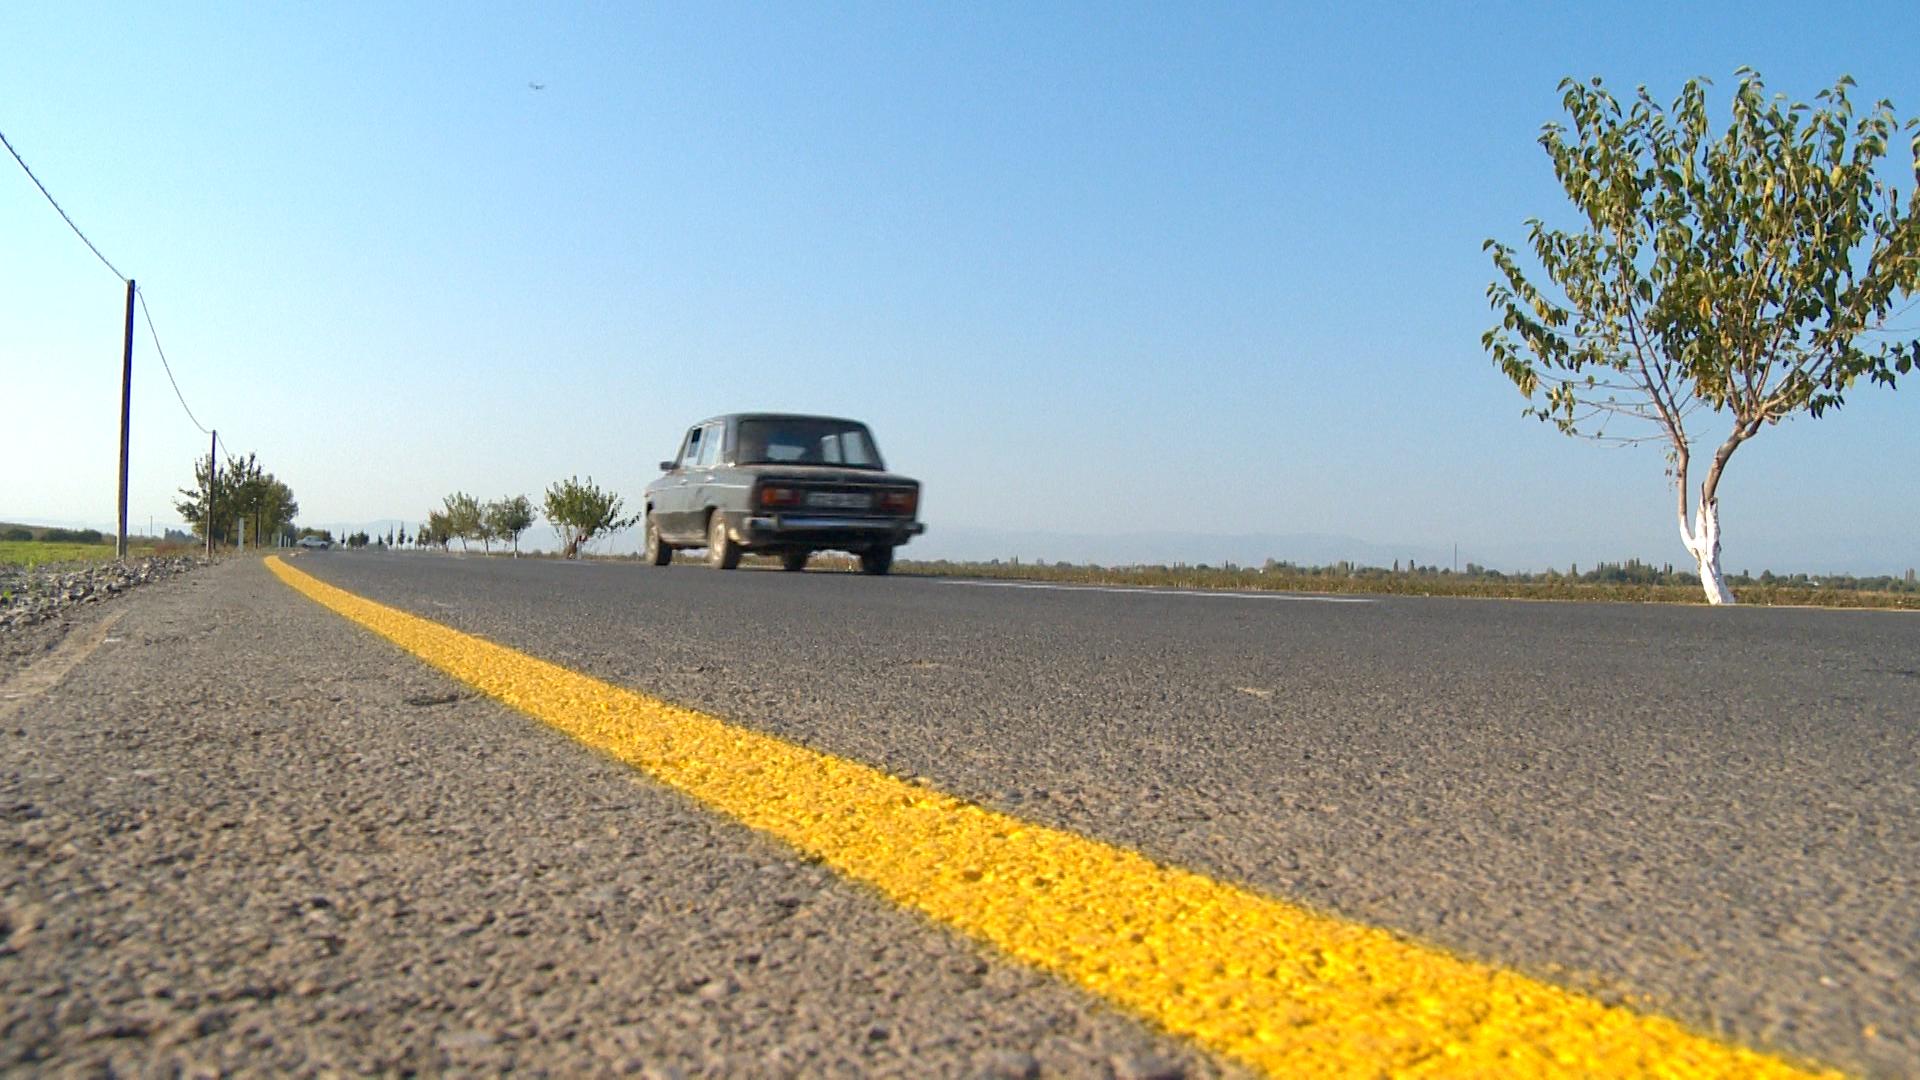 Ağcabədidə 18 km uzunluğunda yerli əhəmiyyətli yol yenidən qurulub (FOTO) - Gallery Image